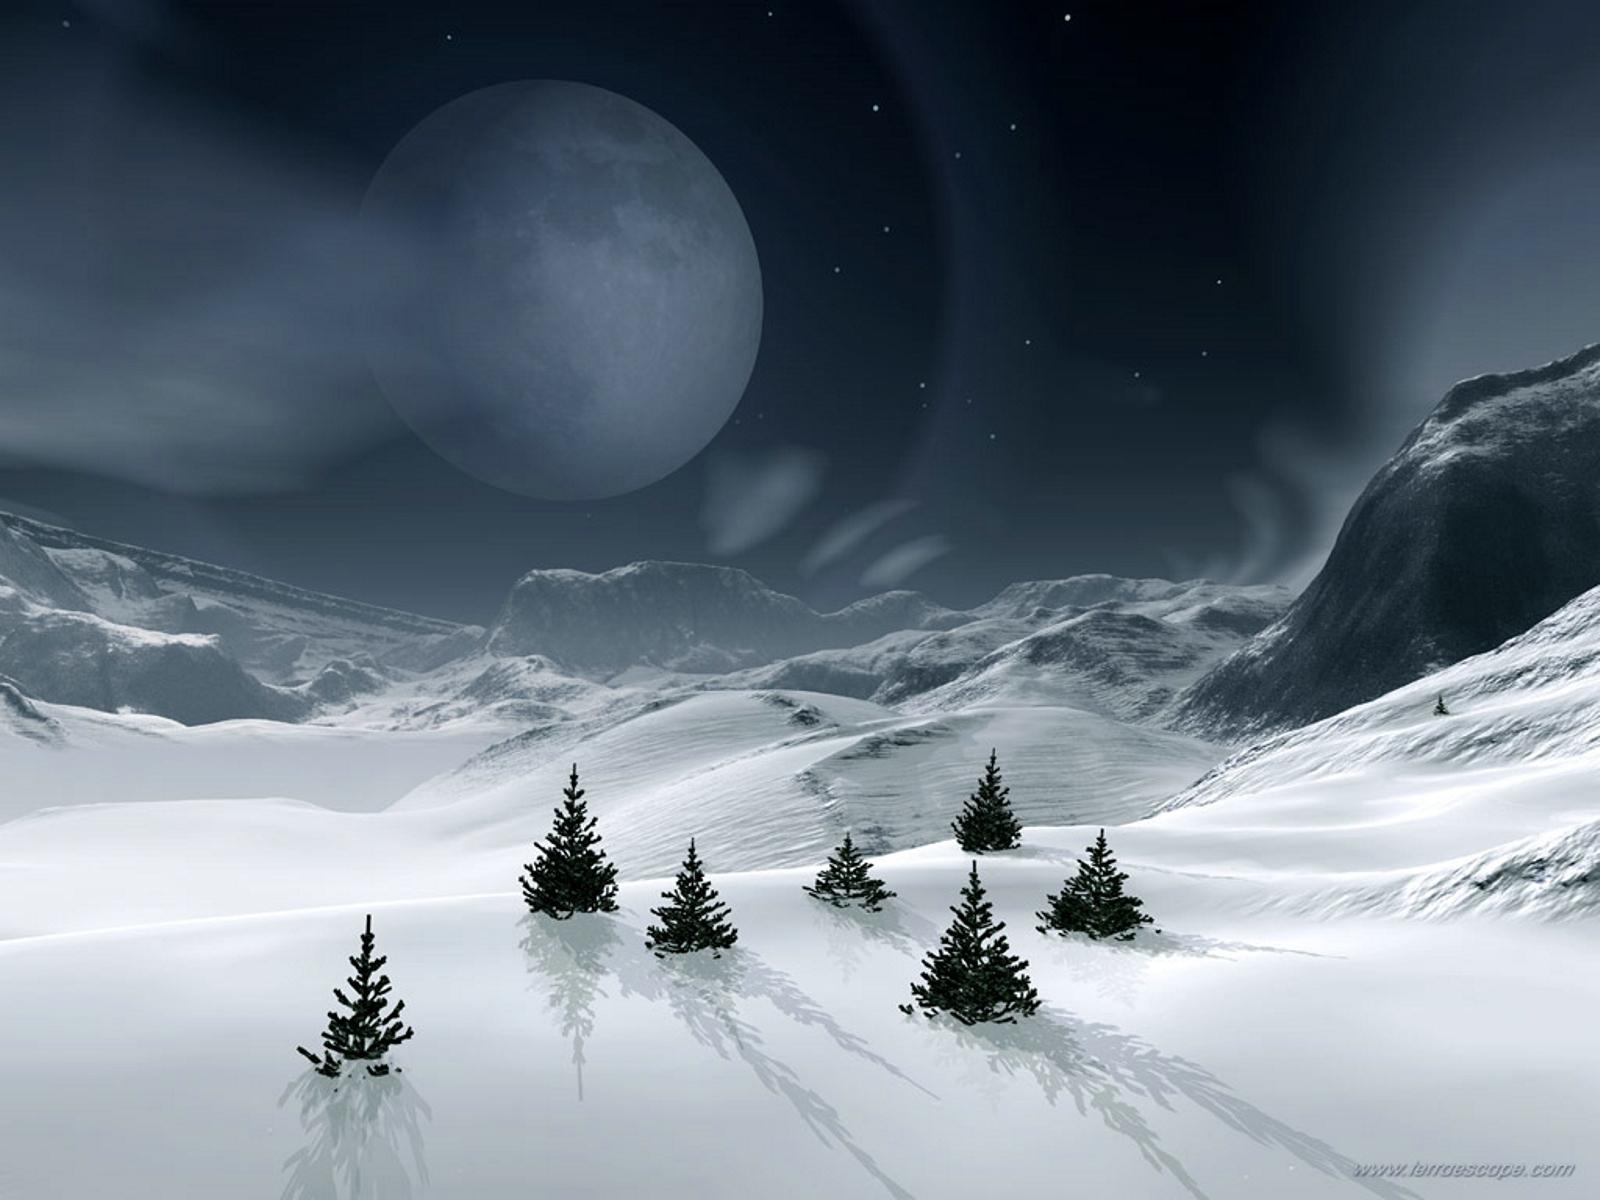 3951 скачать обои Пейзаж, Зима, Планеты, Снег, Елки - заставки и картинки бесплатно